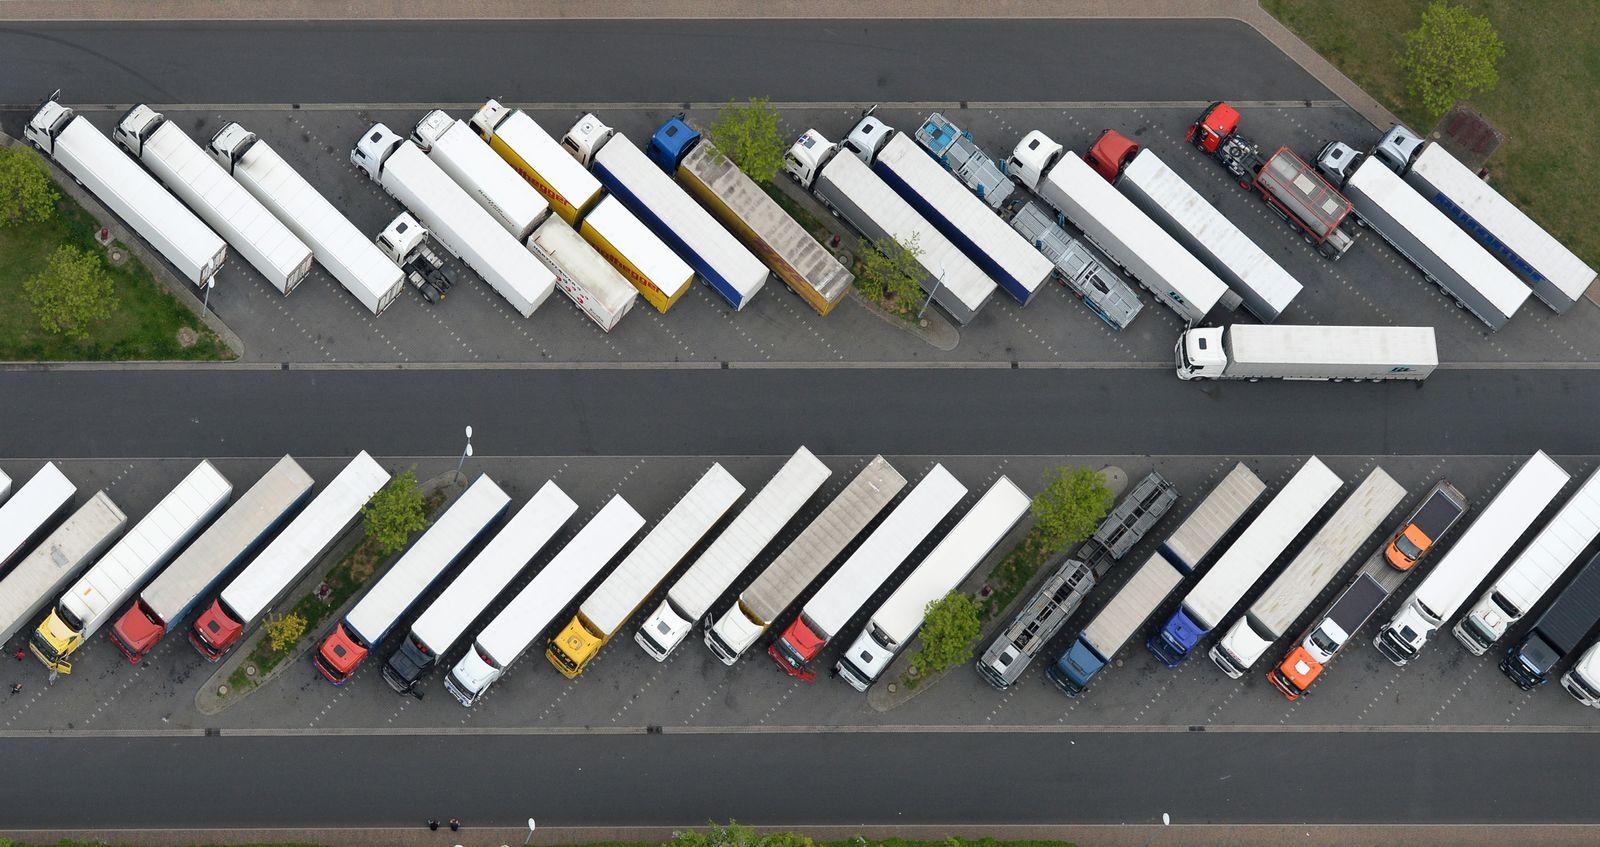 Ausbau der LKW-Parkplätze